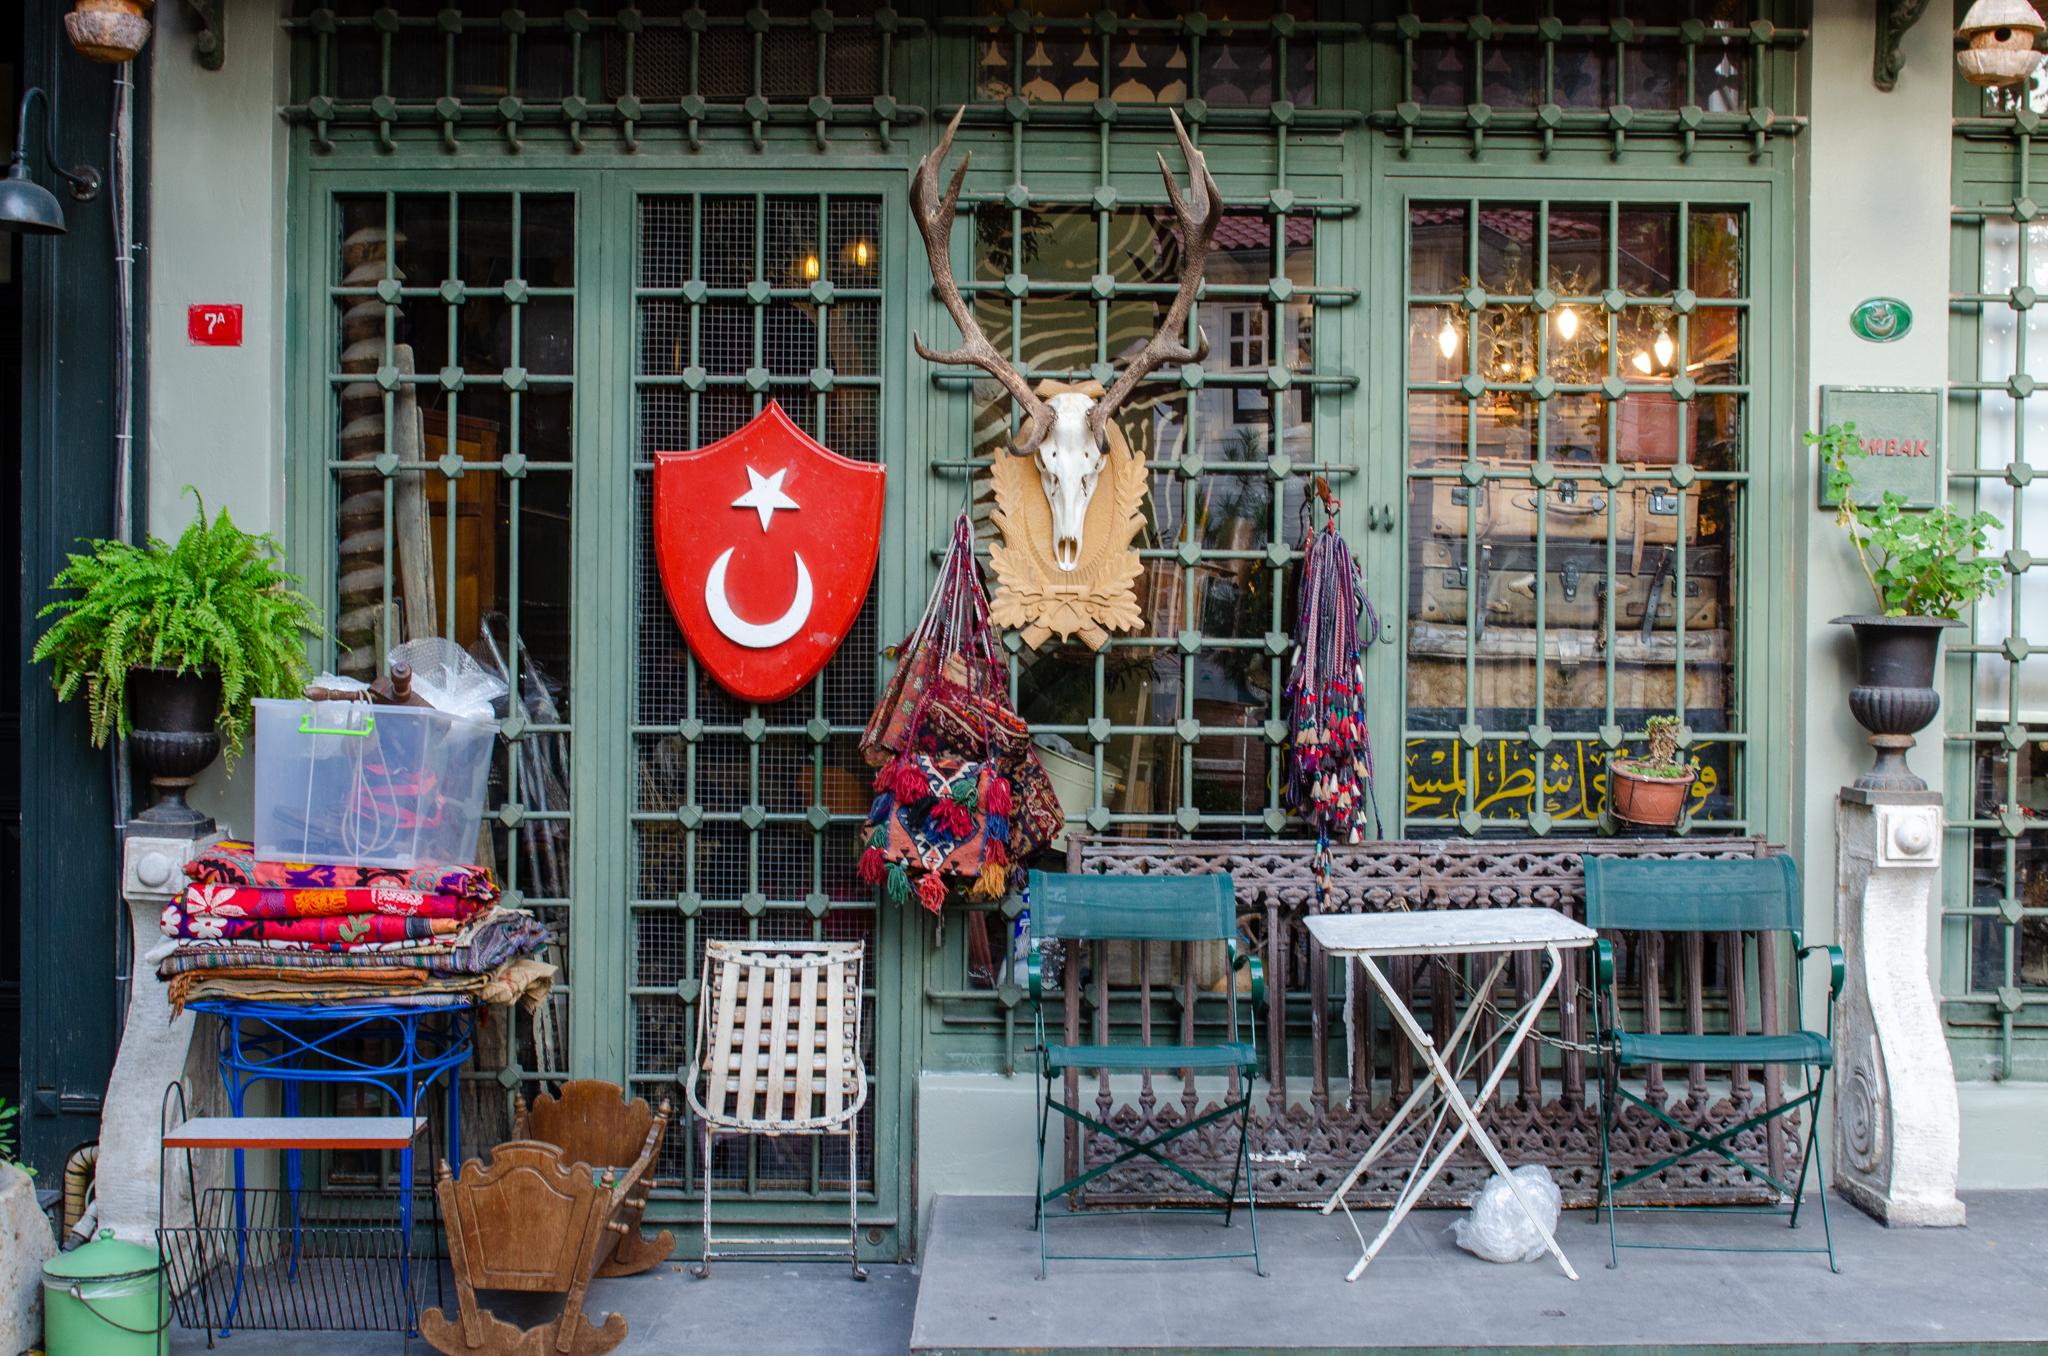 Cukurcuma in Istanbul